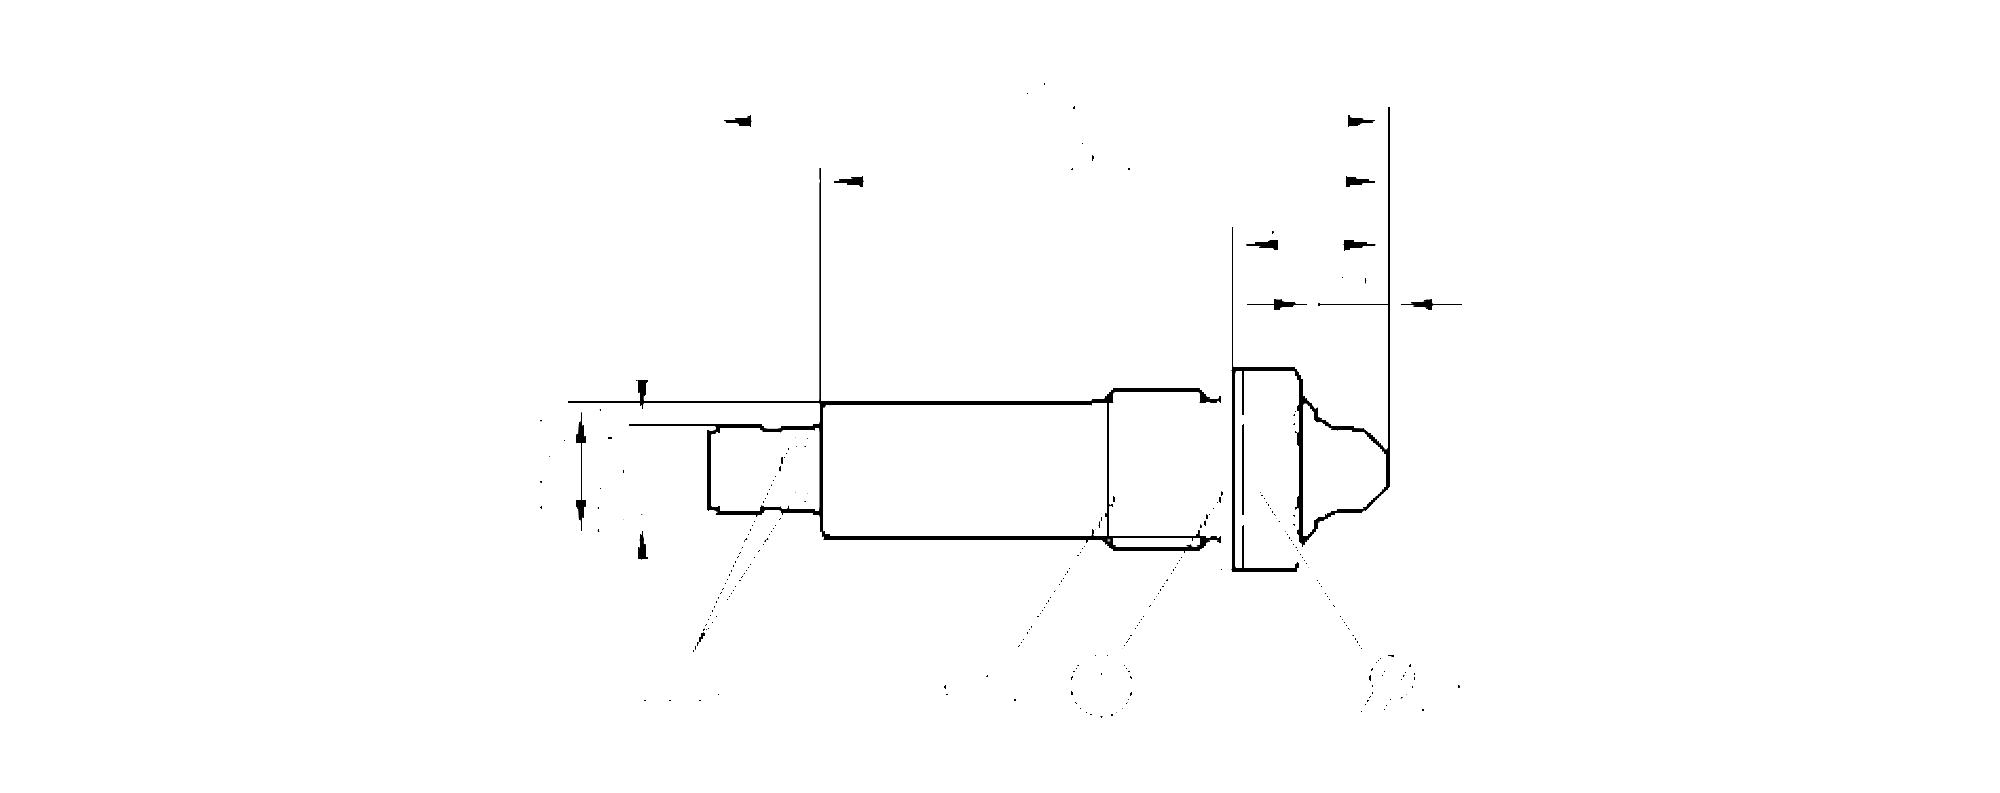 lmc410 - sensor for point level detection